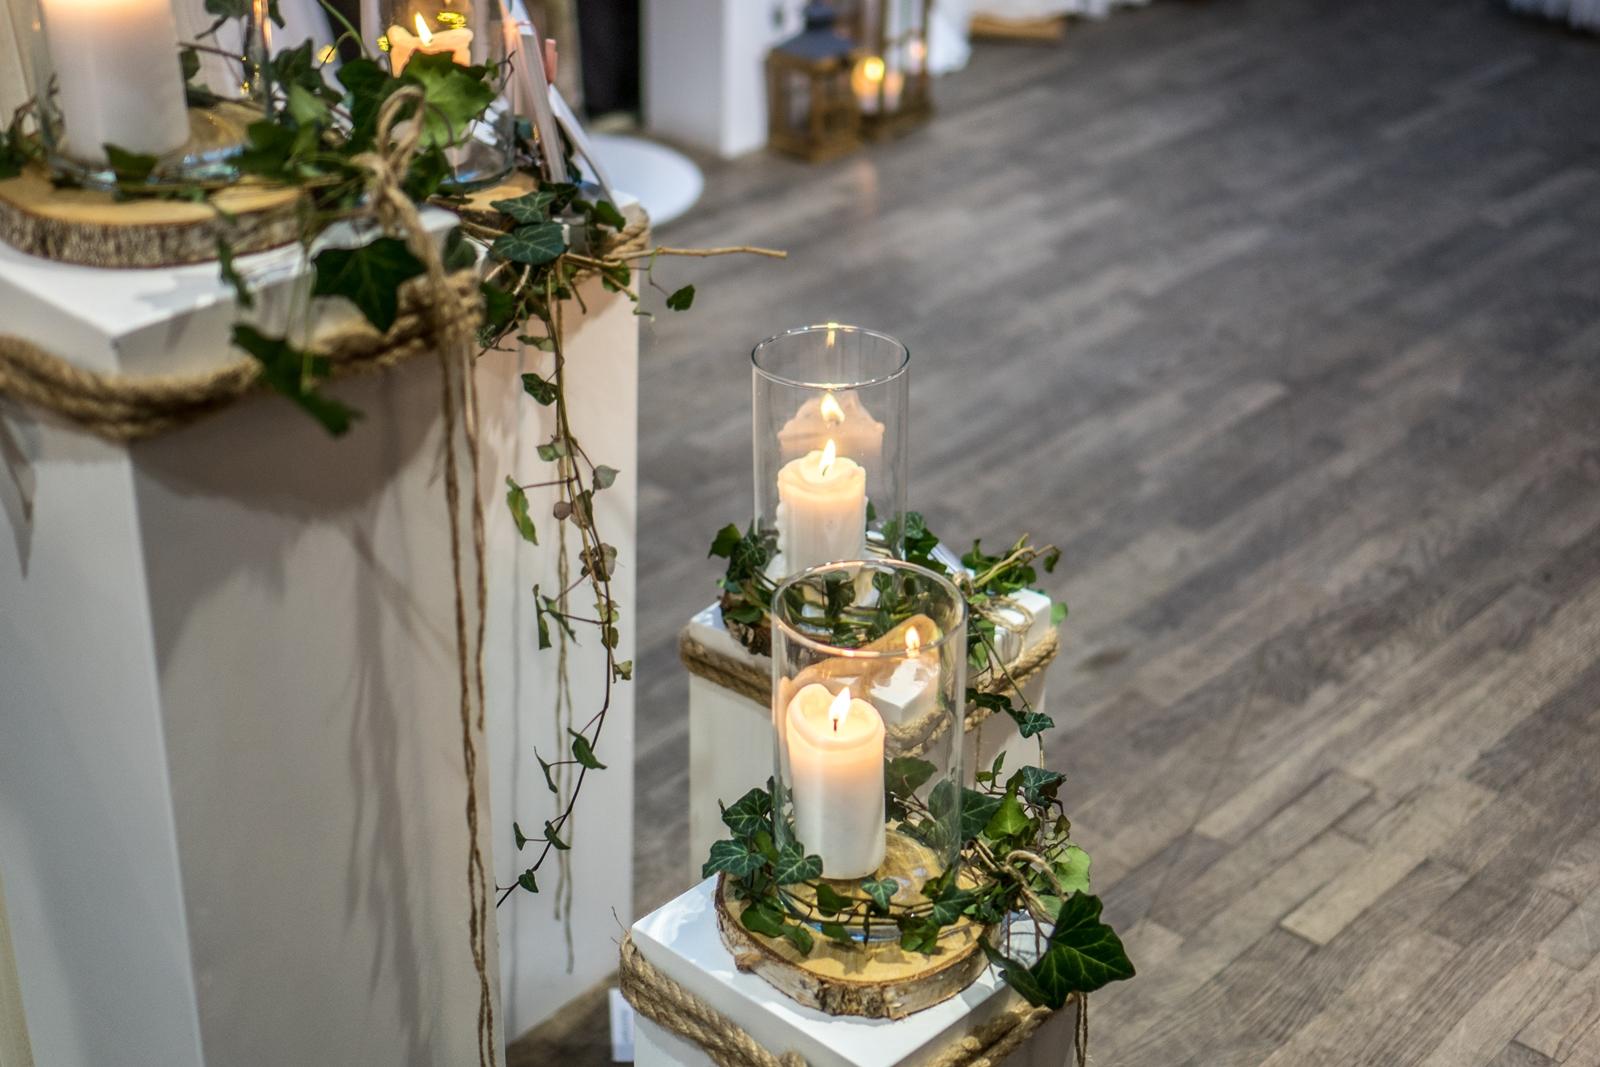 6 OFF WEDDING - Alternatywne Targi ślubne papeteria. biżuteria ślubna, dodatki ślubne, boho dekoracje , kwiaty na ślub i wesele, warszawa, łódź, romantczne, naturalne, nietypowe papeterie ślubne